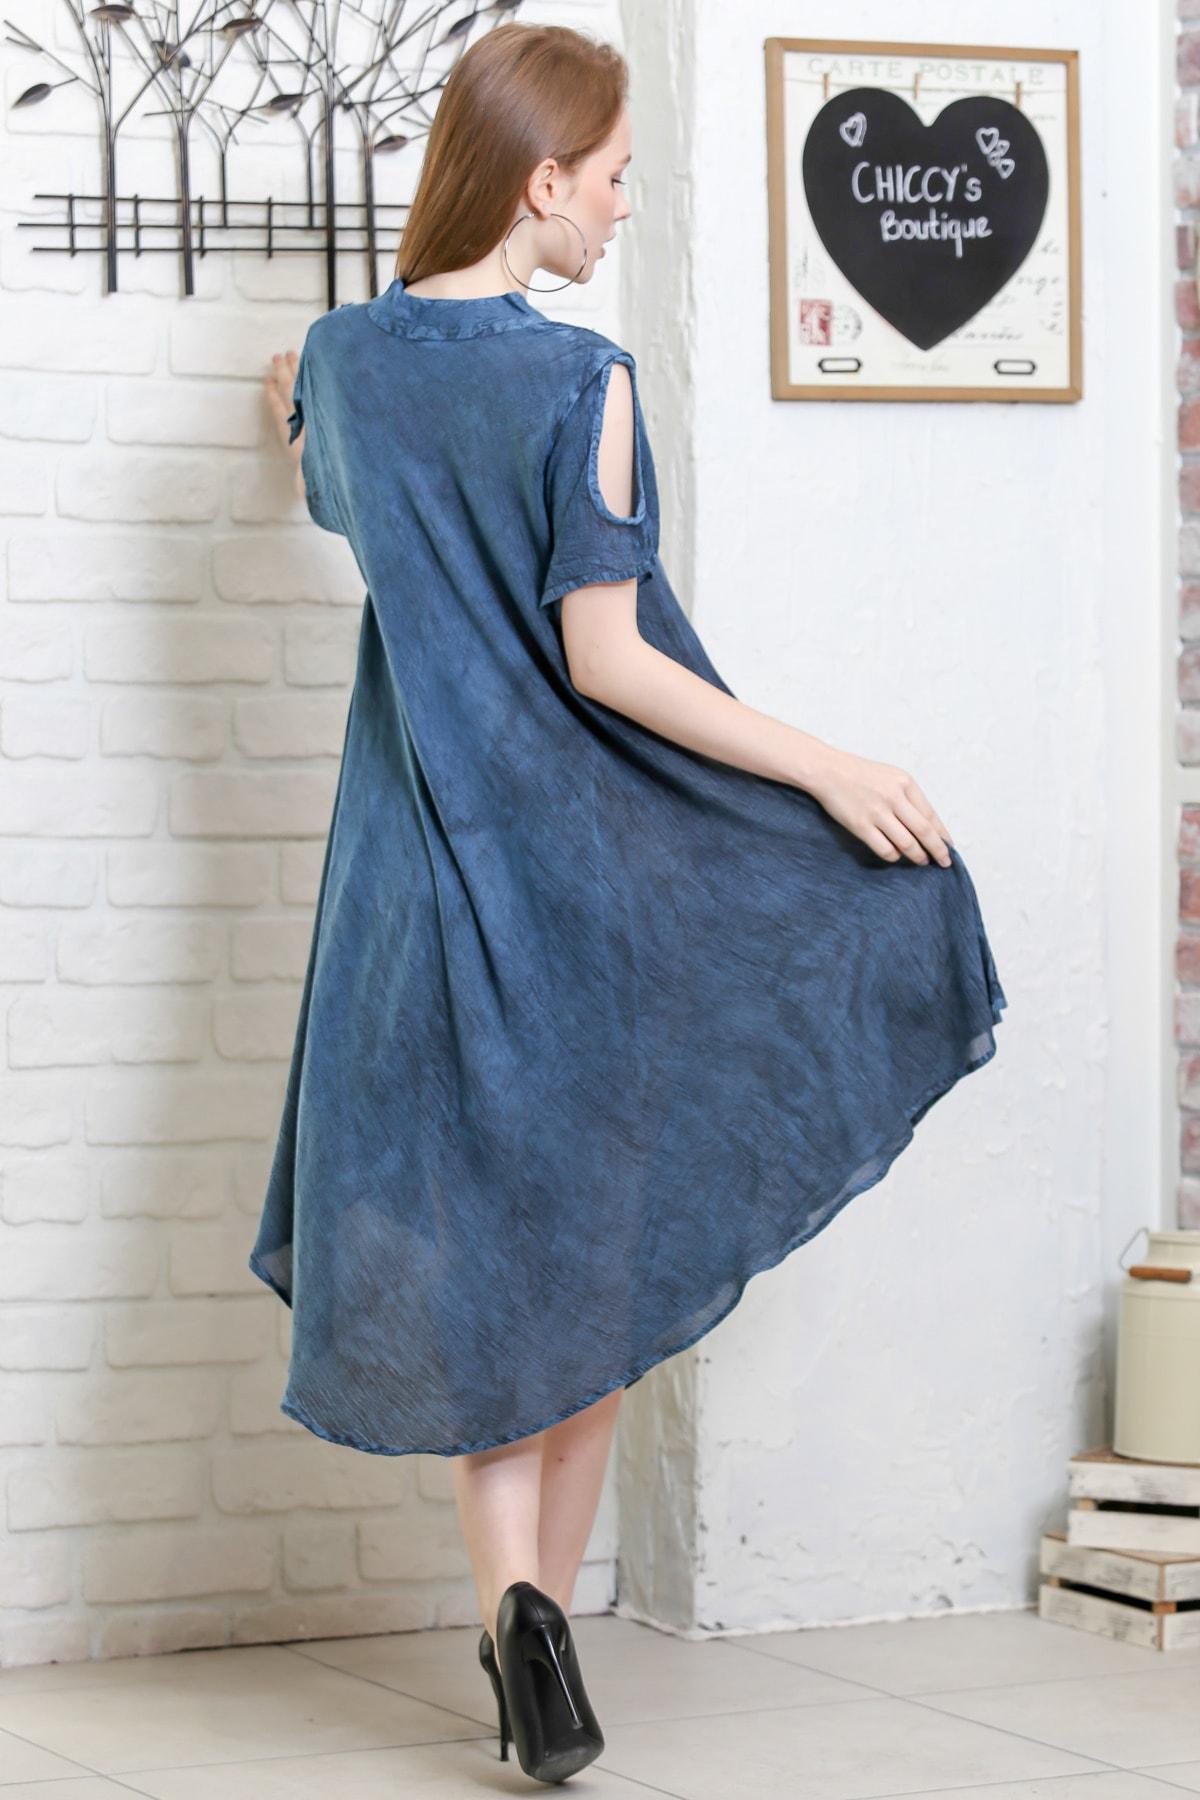 Chiccy Kadın Petrol Mavisi Batik Desenli Kısa Kol Dik Yaka Salaş Dokuma Elbise M10160000EL95153 3